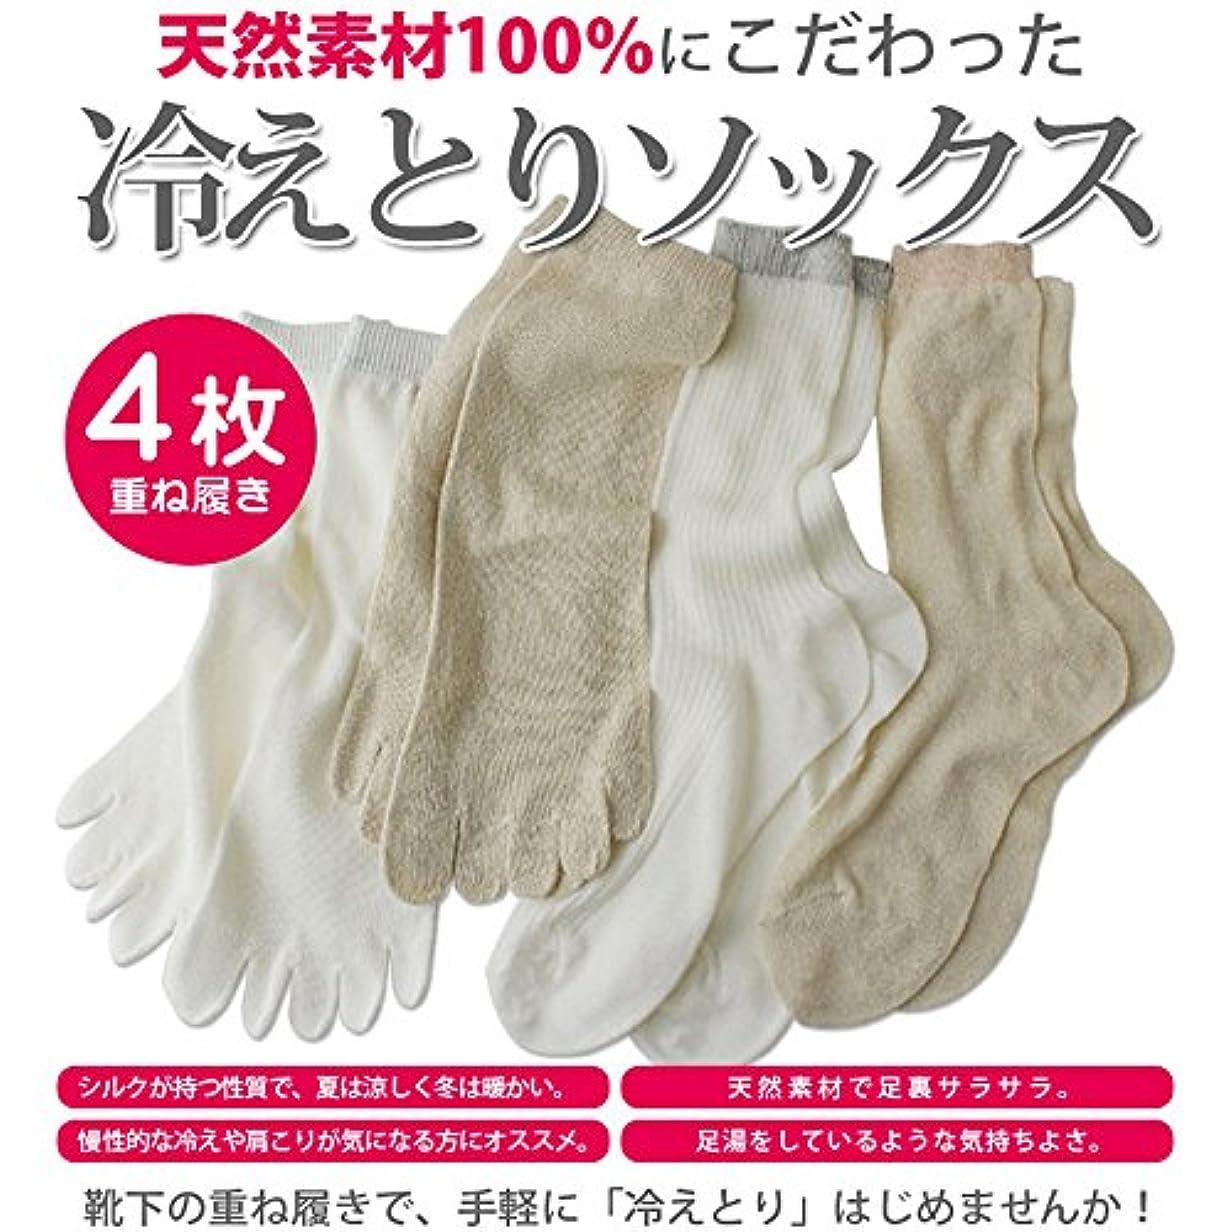 鳴らす読書玉冷え取り靴下 綿100%とシルク100% 呼吸ソックス 4枚重ねばきであったか 4枚セット